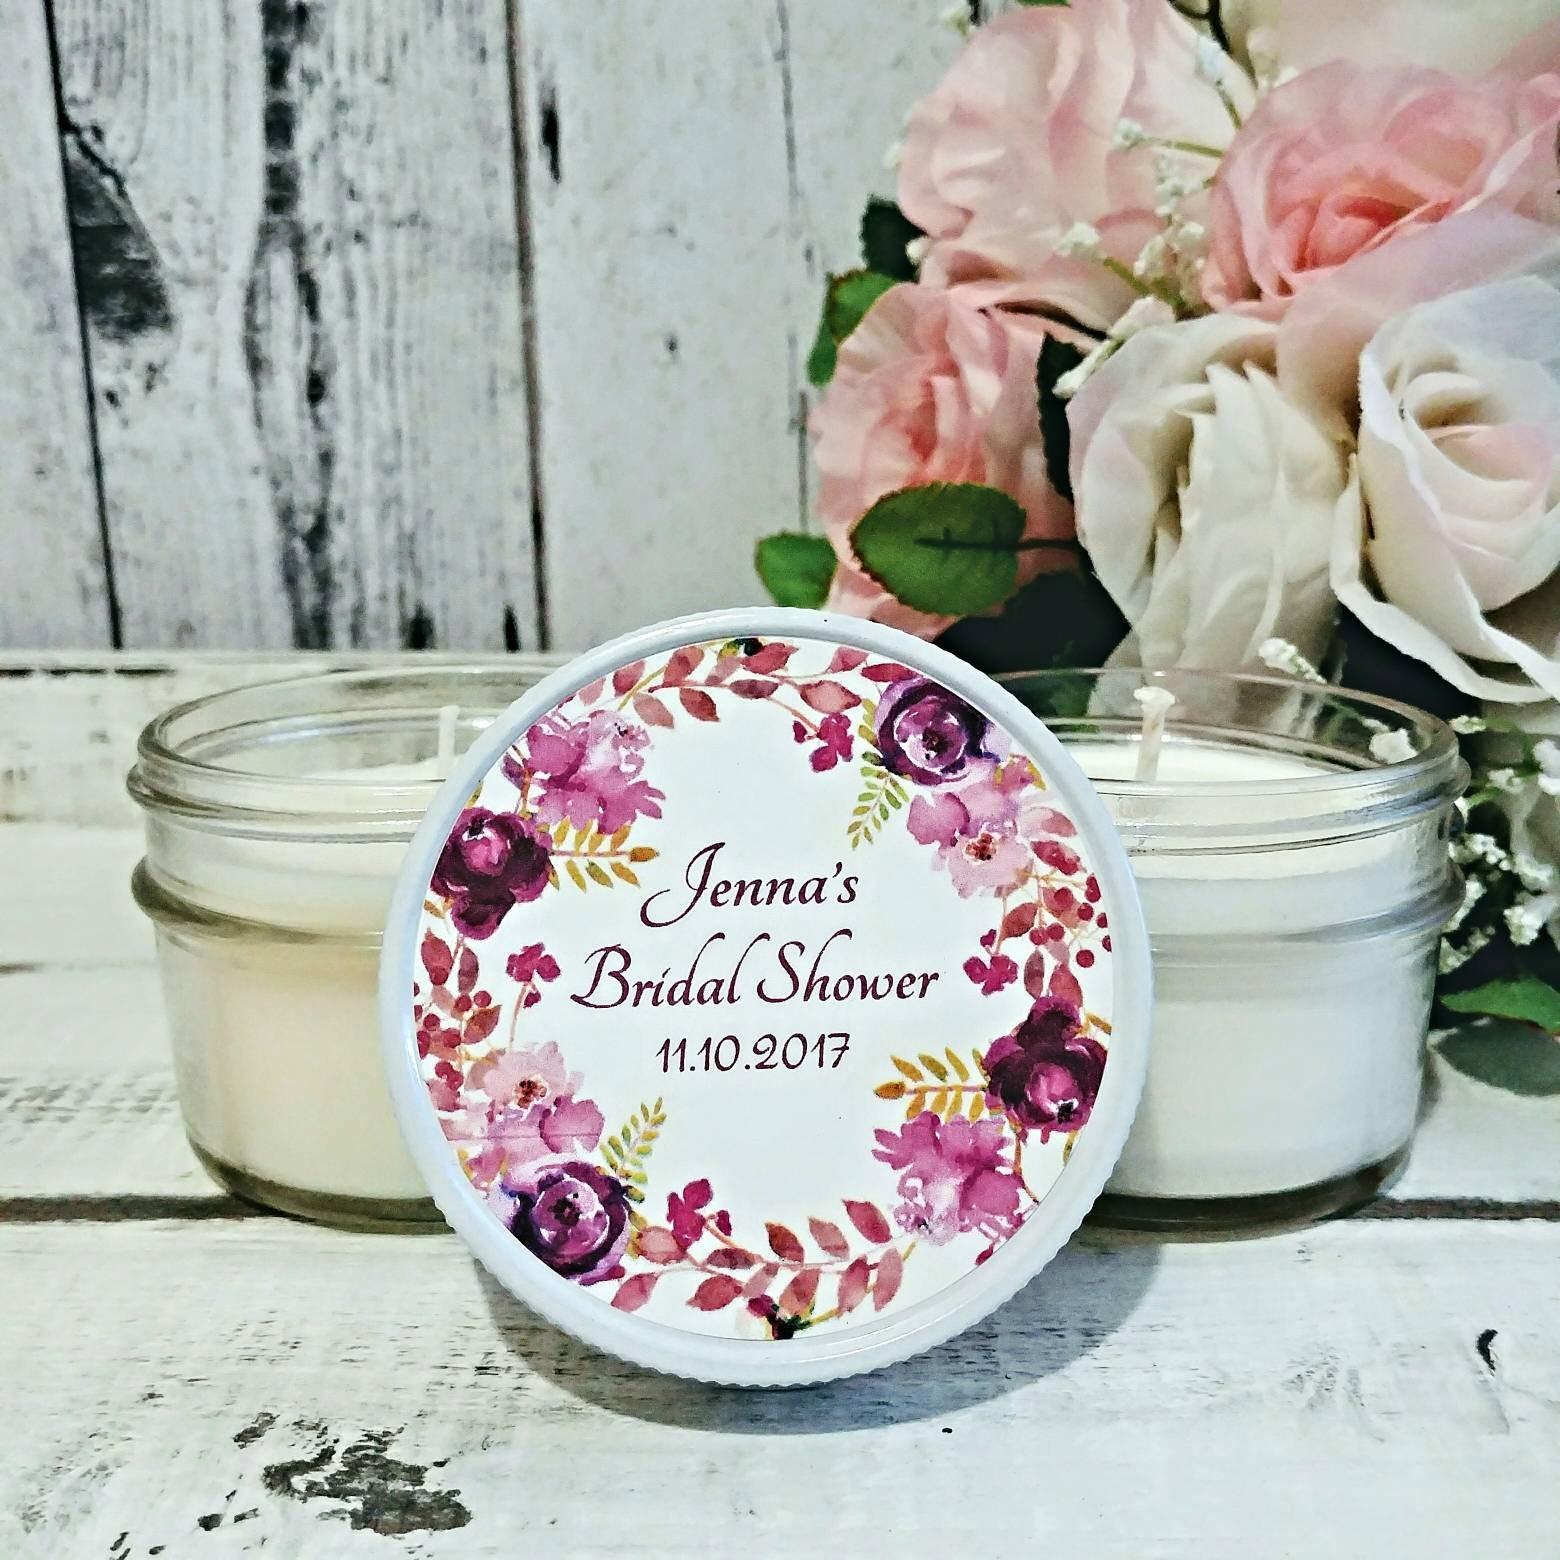 bridal shower favors candles bridal shower candle favors bridal shower party favors soy candles wedding candle favor set of 12